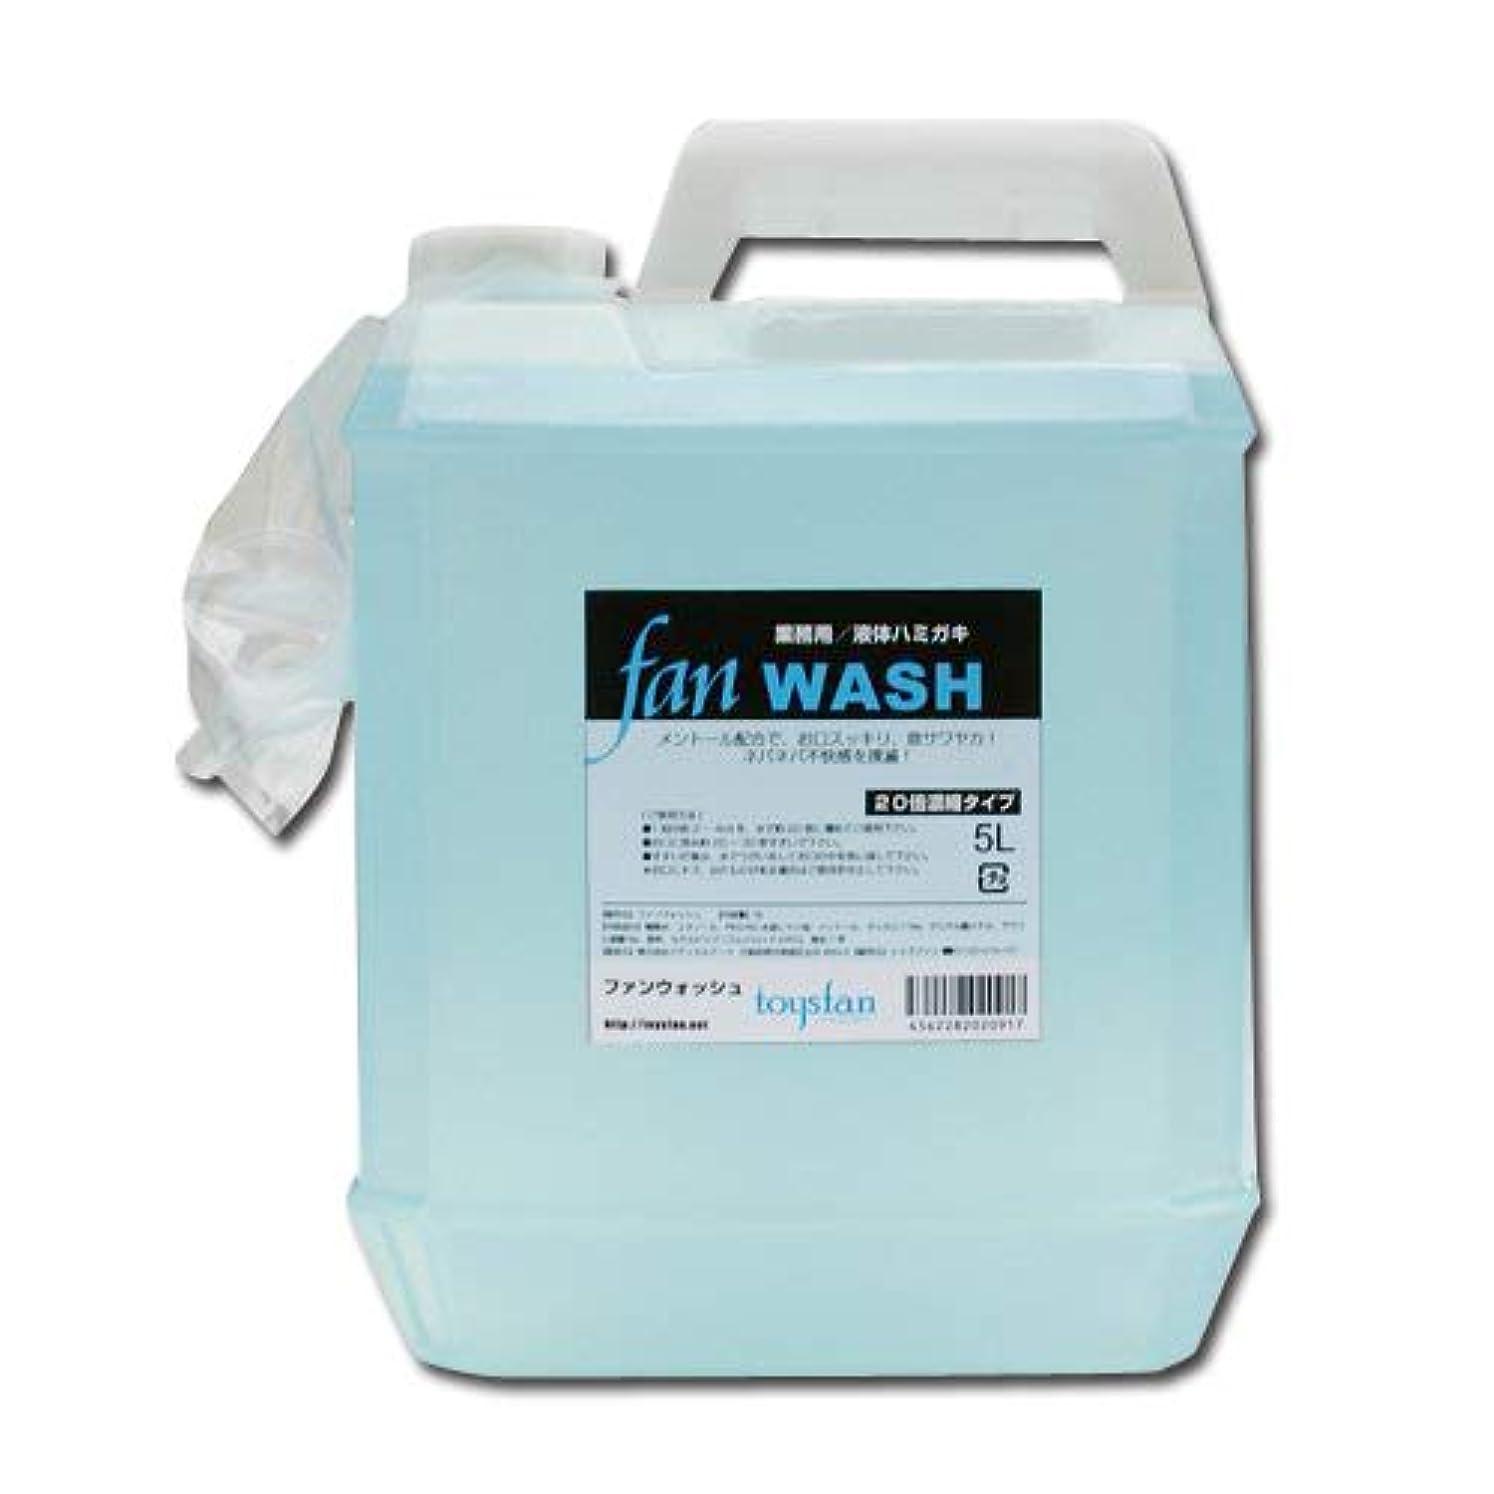 毒農場敬意を表してファンウォッシュ 5L(20倍濃縮)業務用液体ハミガキ FAN WASHメントール配合│液体歯磨き大容量!うがい液